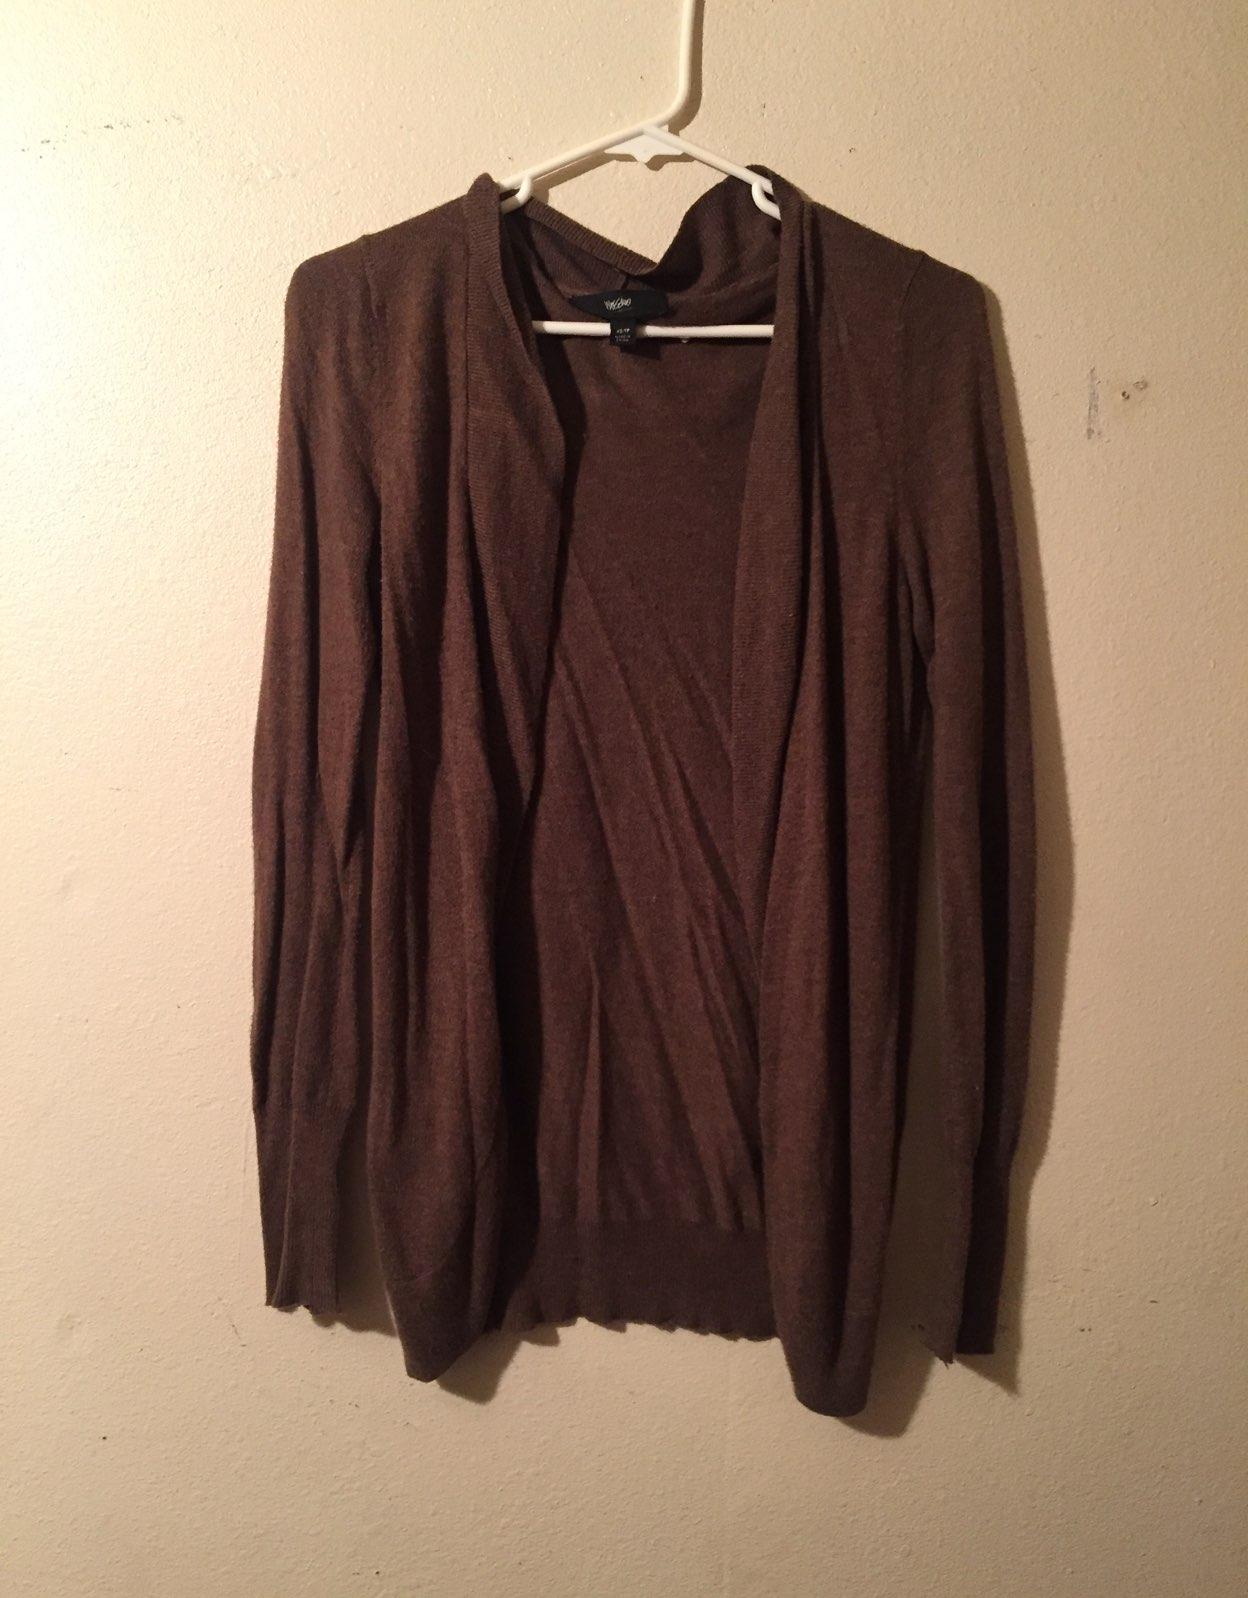 brown cardigan - Mercari: BUY & SELL THINGS YOU LOVE